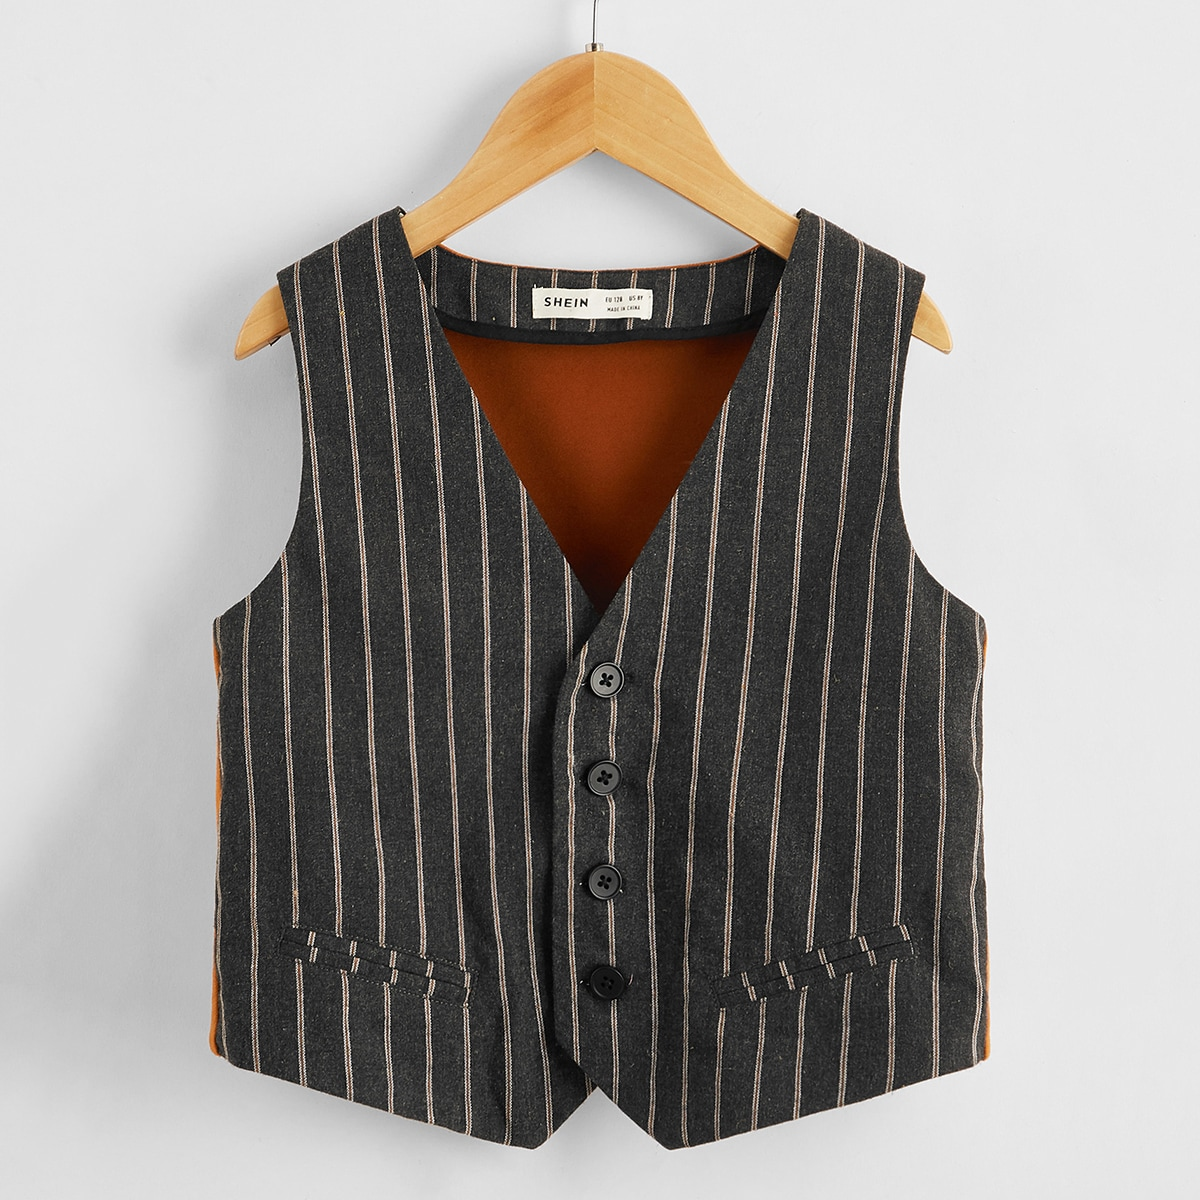 Многоцветный Асимметричный Полосатый Повседневный Пальто для мальчиков от SHEIN